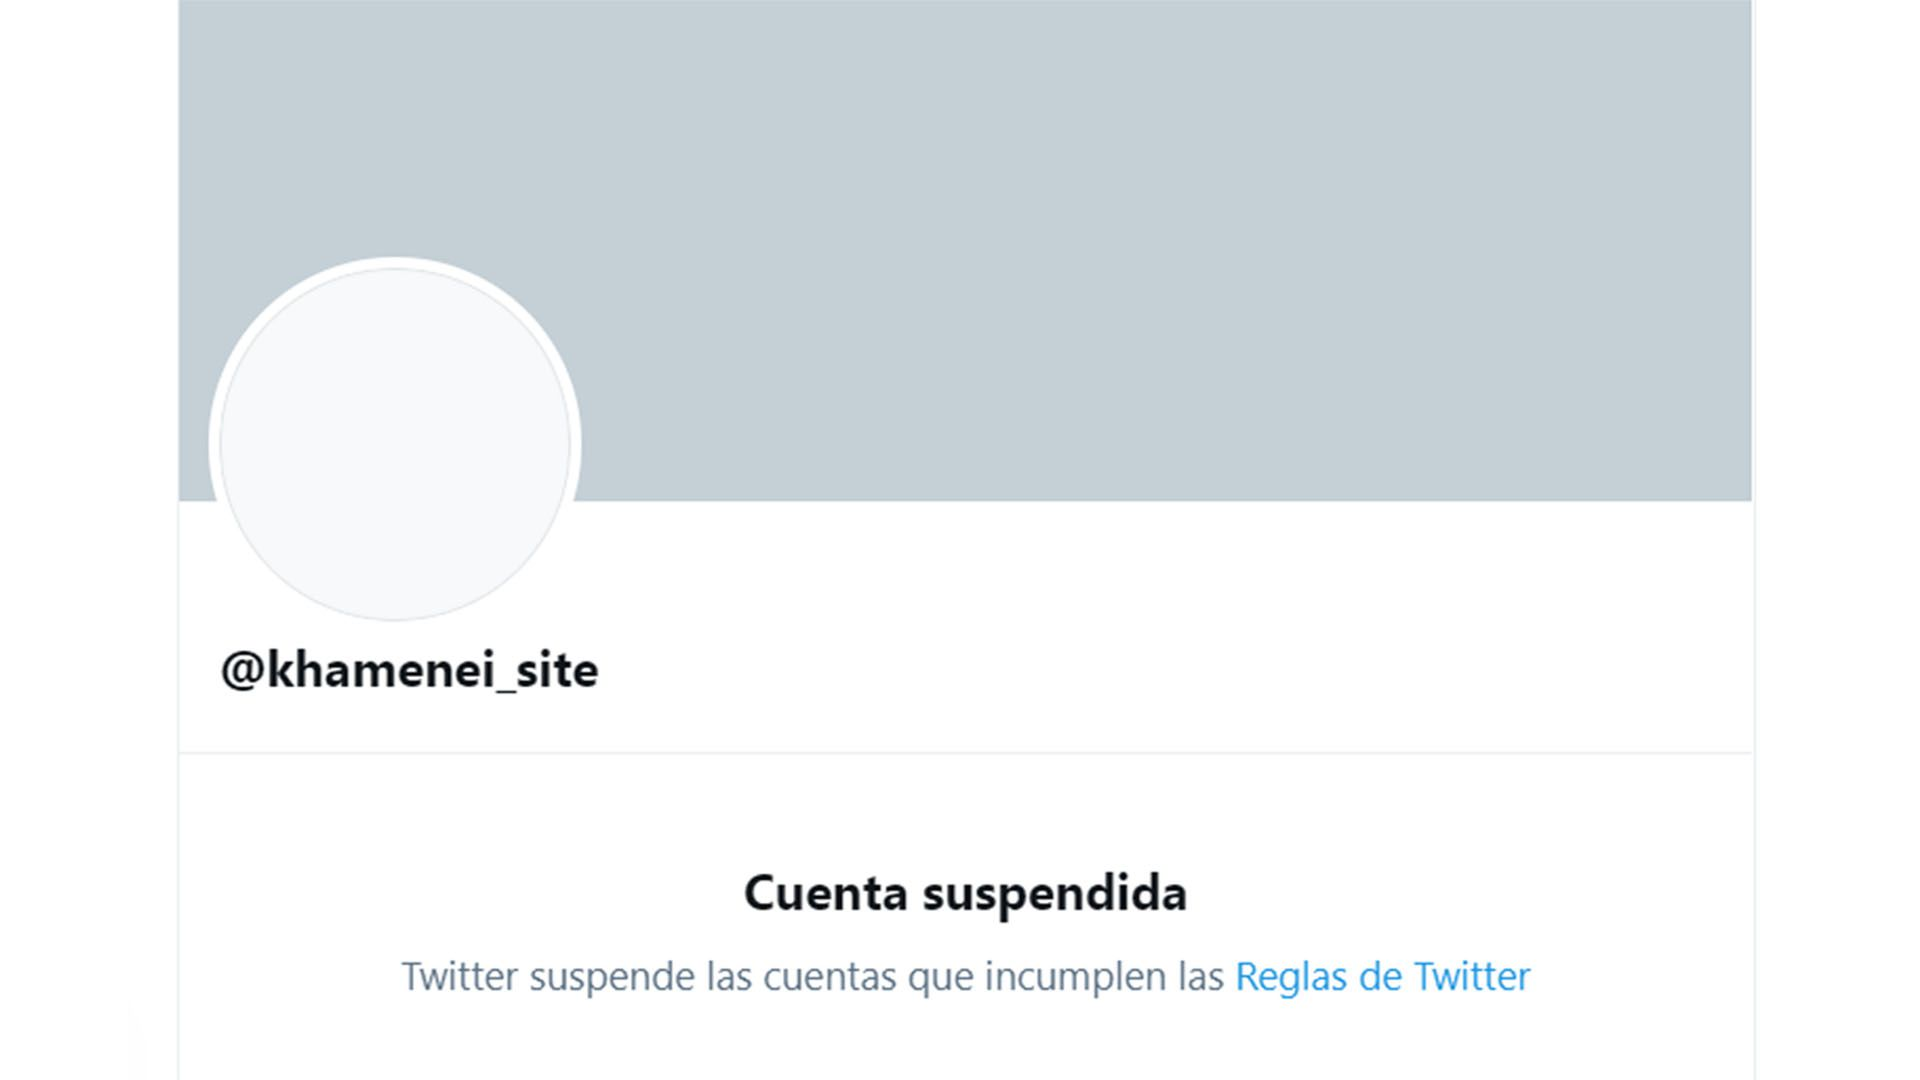 Twitter suspendio una cuenta de Ali Khamenei